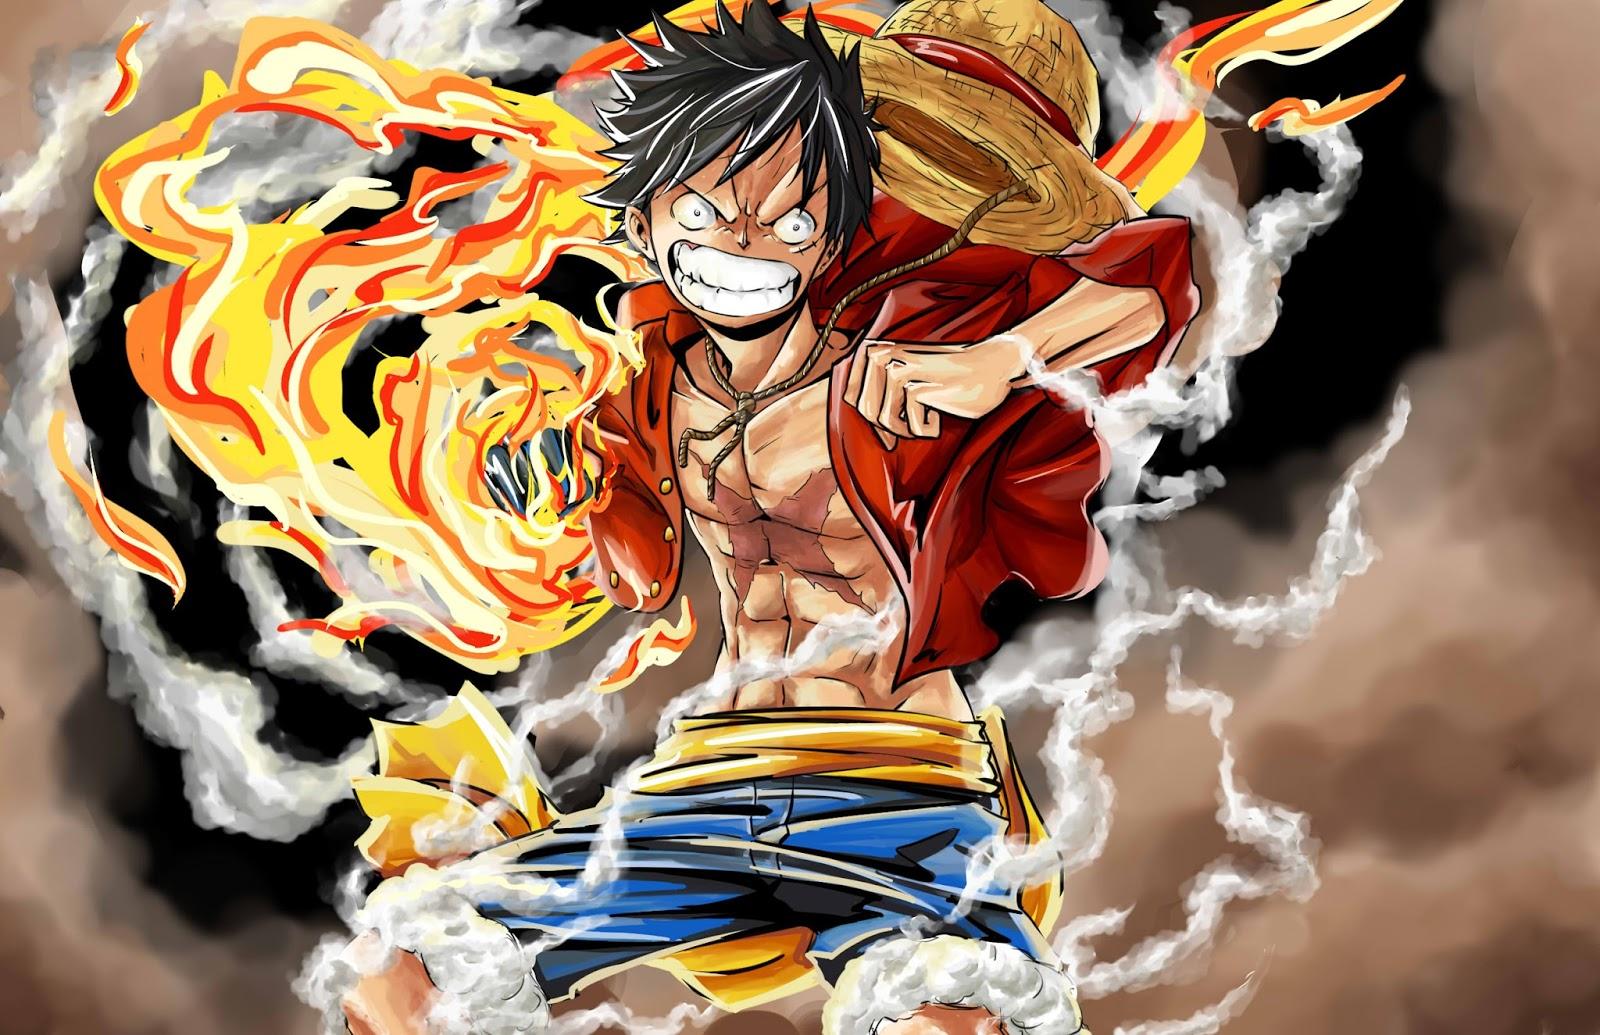 One Piece Luffy Red Hawk Wallpaper HD For Desktop - Aniwallz